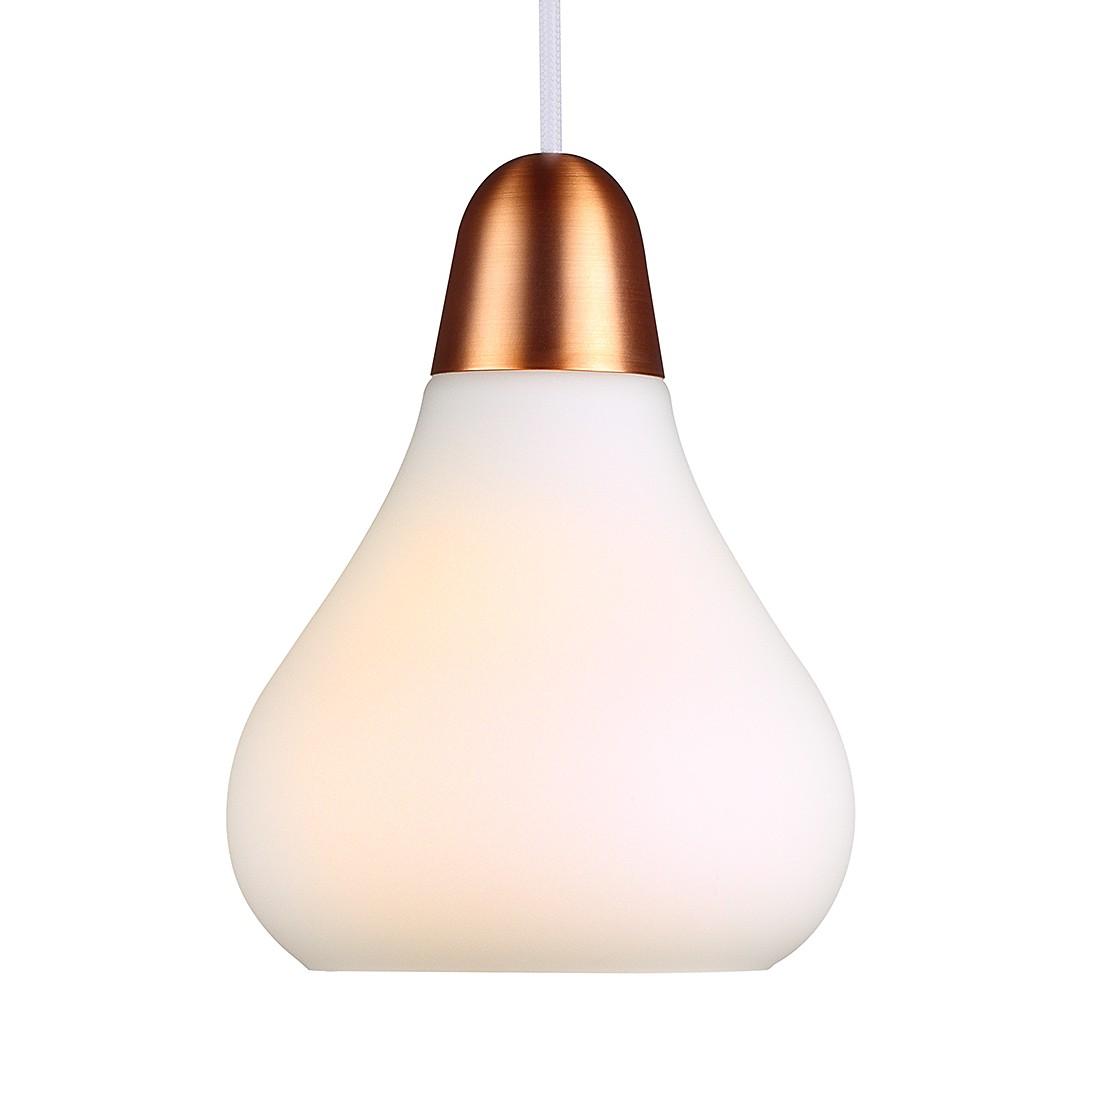 energie  A++, Hanglamp Bloom 13 - metaal/bruin koper 1 lichtbron, Nordlux